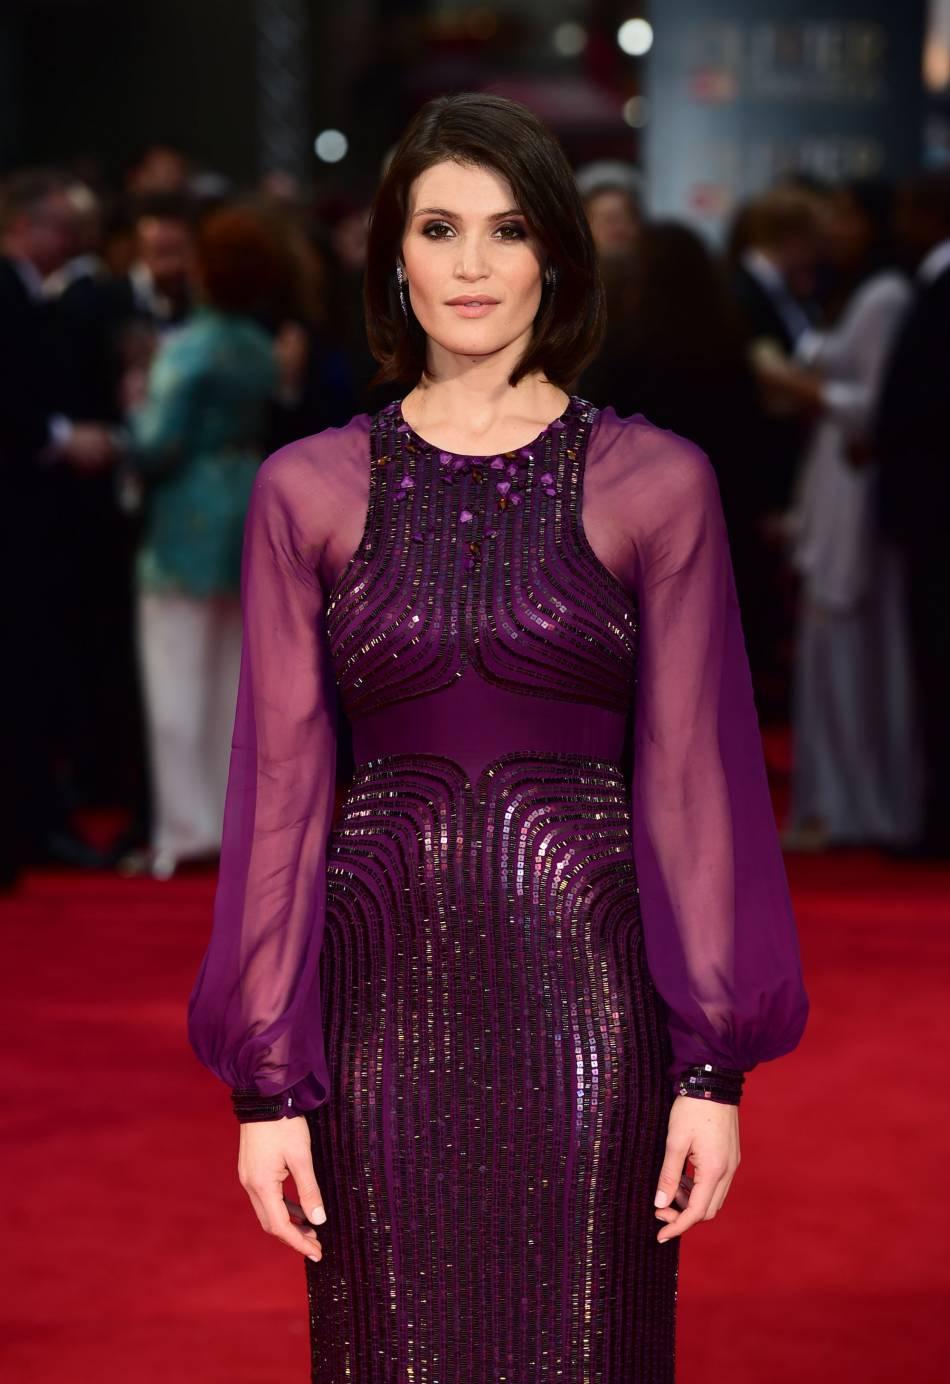 Gemma Arterton en robe violette : elle était immanquable lors du photocall.